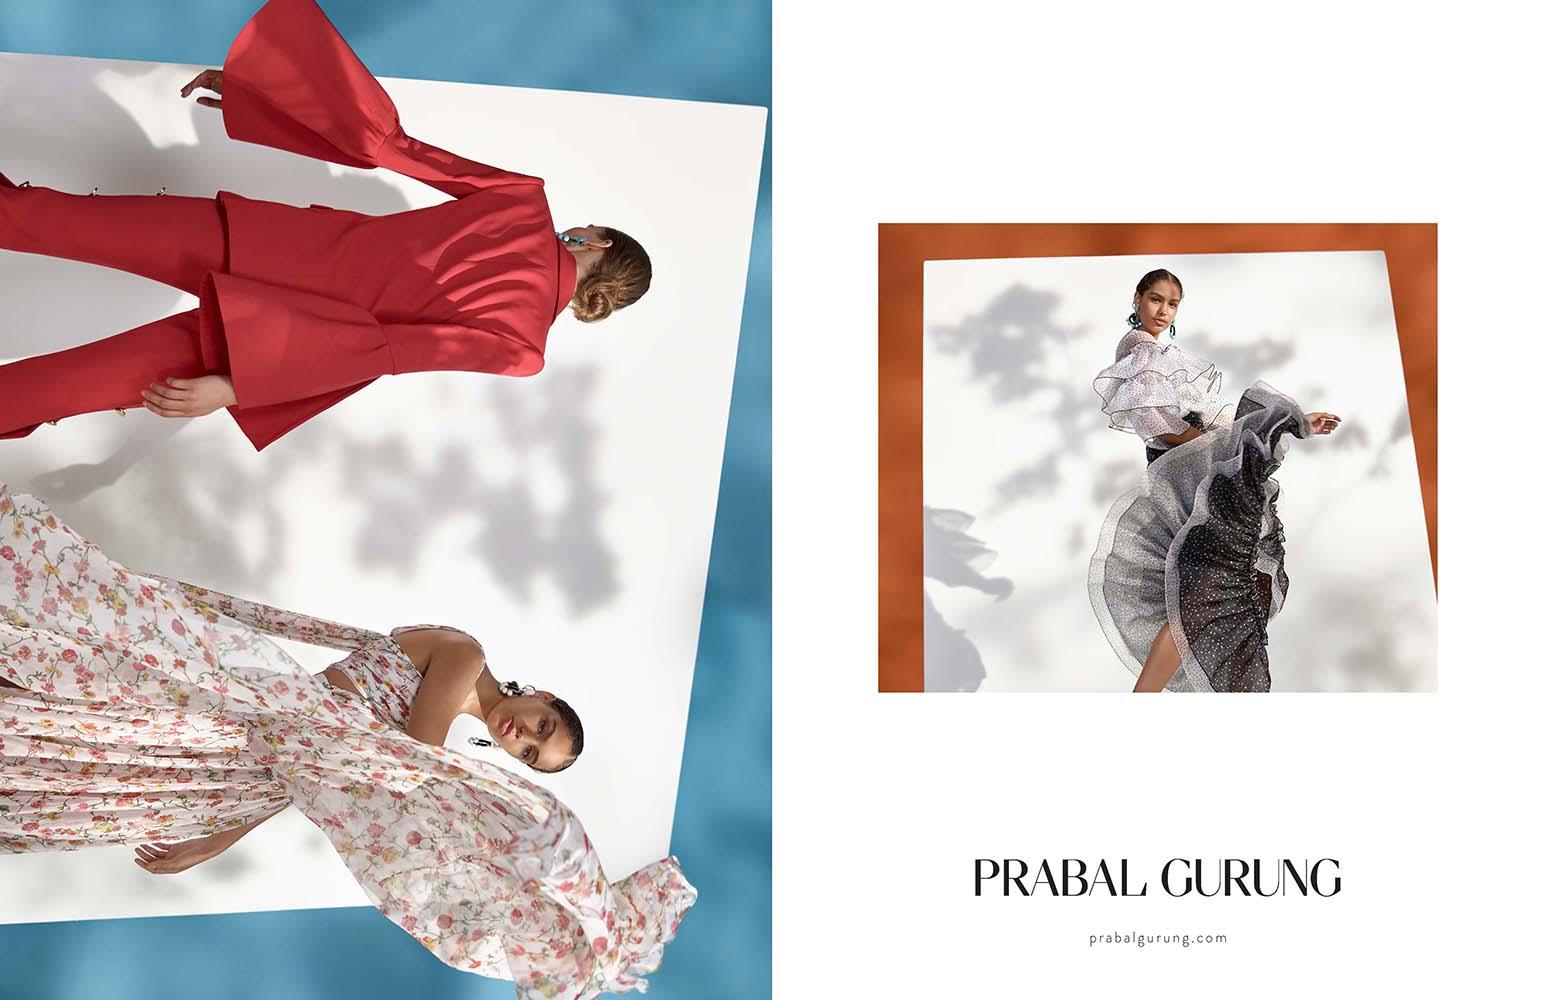 Prabal Gurung by Stina Daag